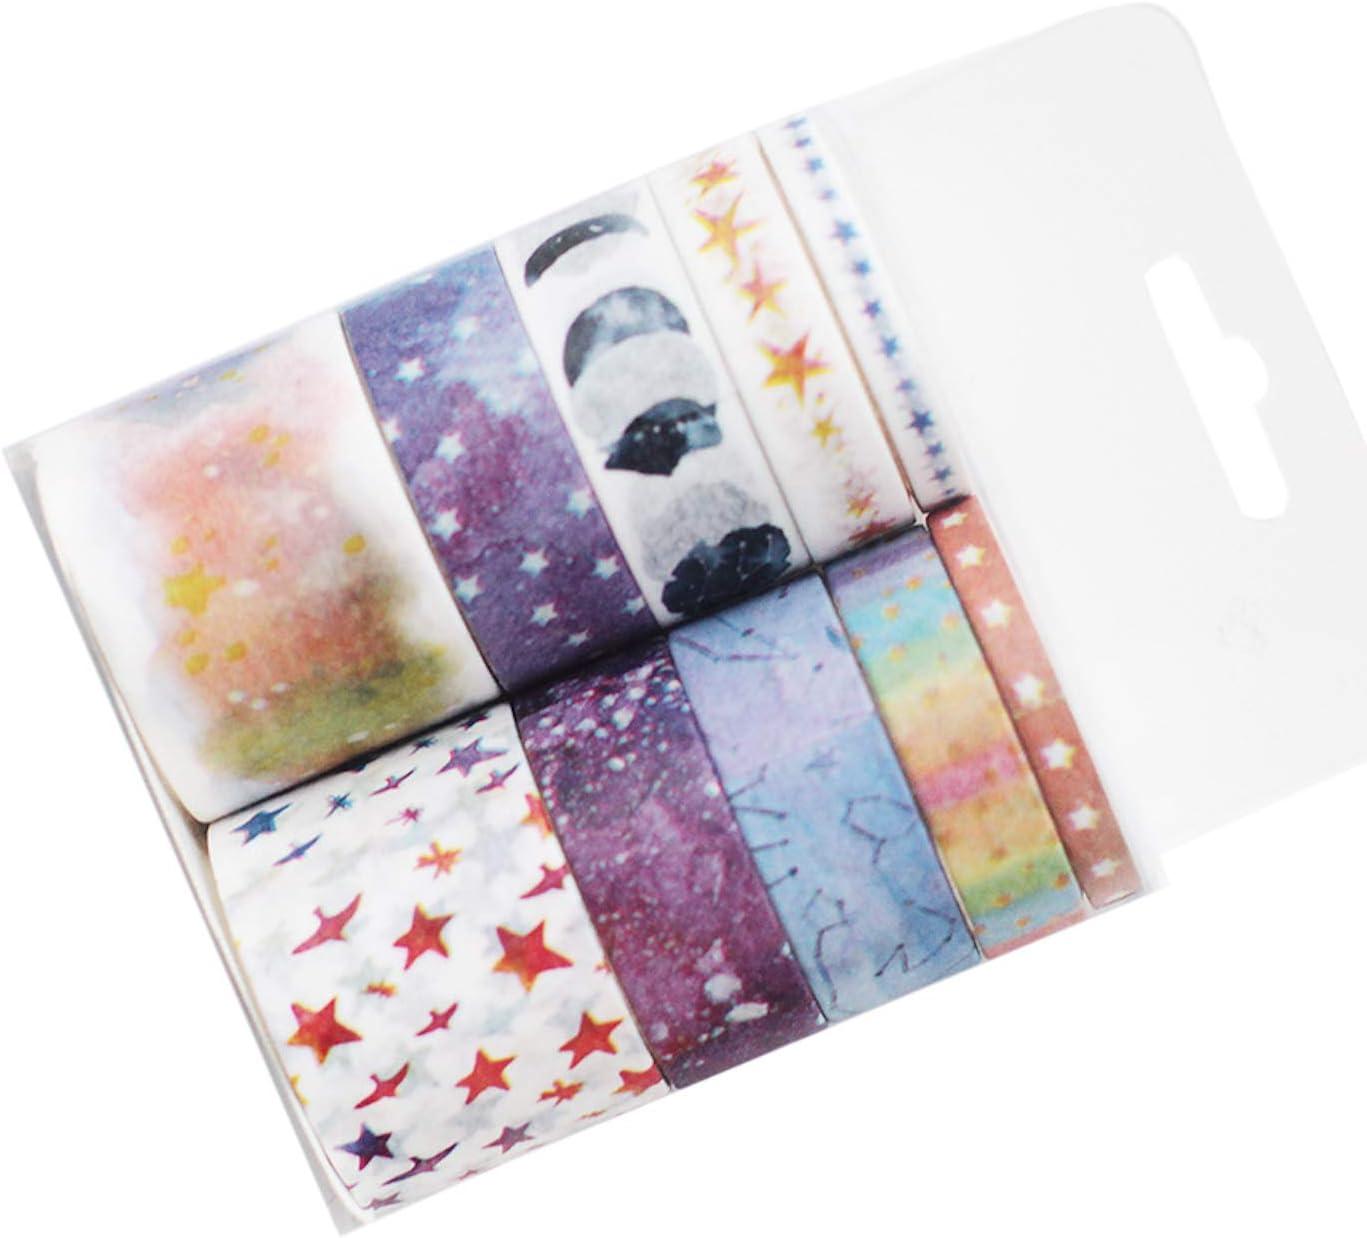 20 rollos de cinta adhesiva de enmascaramiento Washi Tape multipatrón, para manualidades, envoltura de regalo 2 * 10pcs estrella: Amazon.es: Hogar